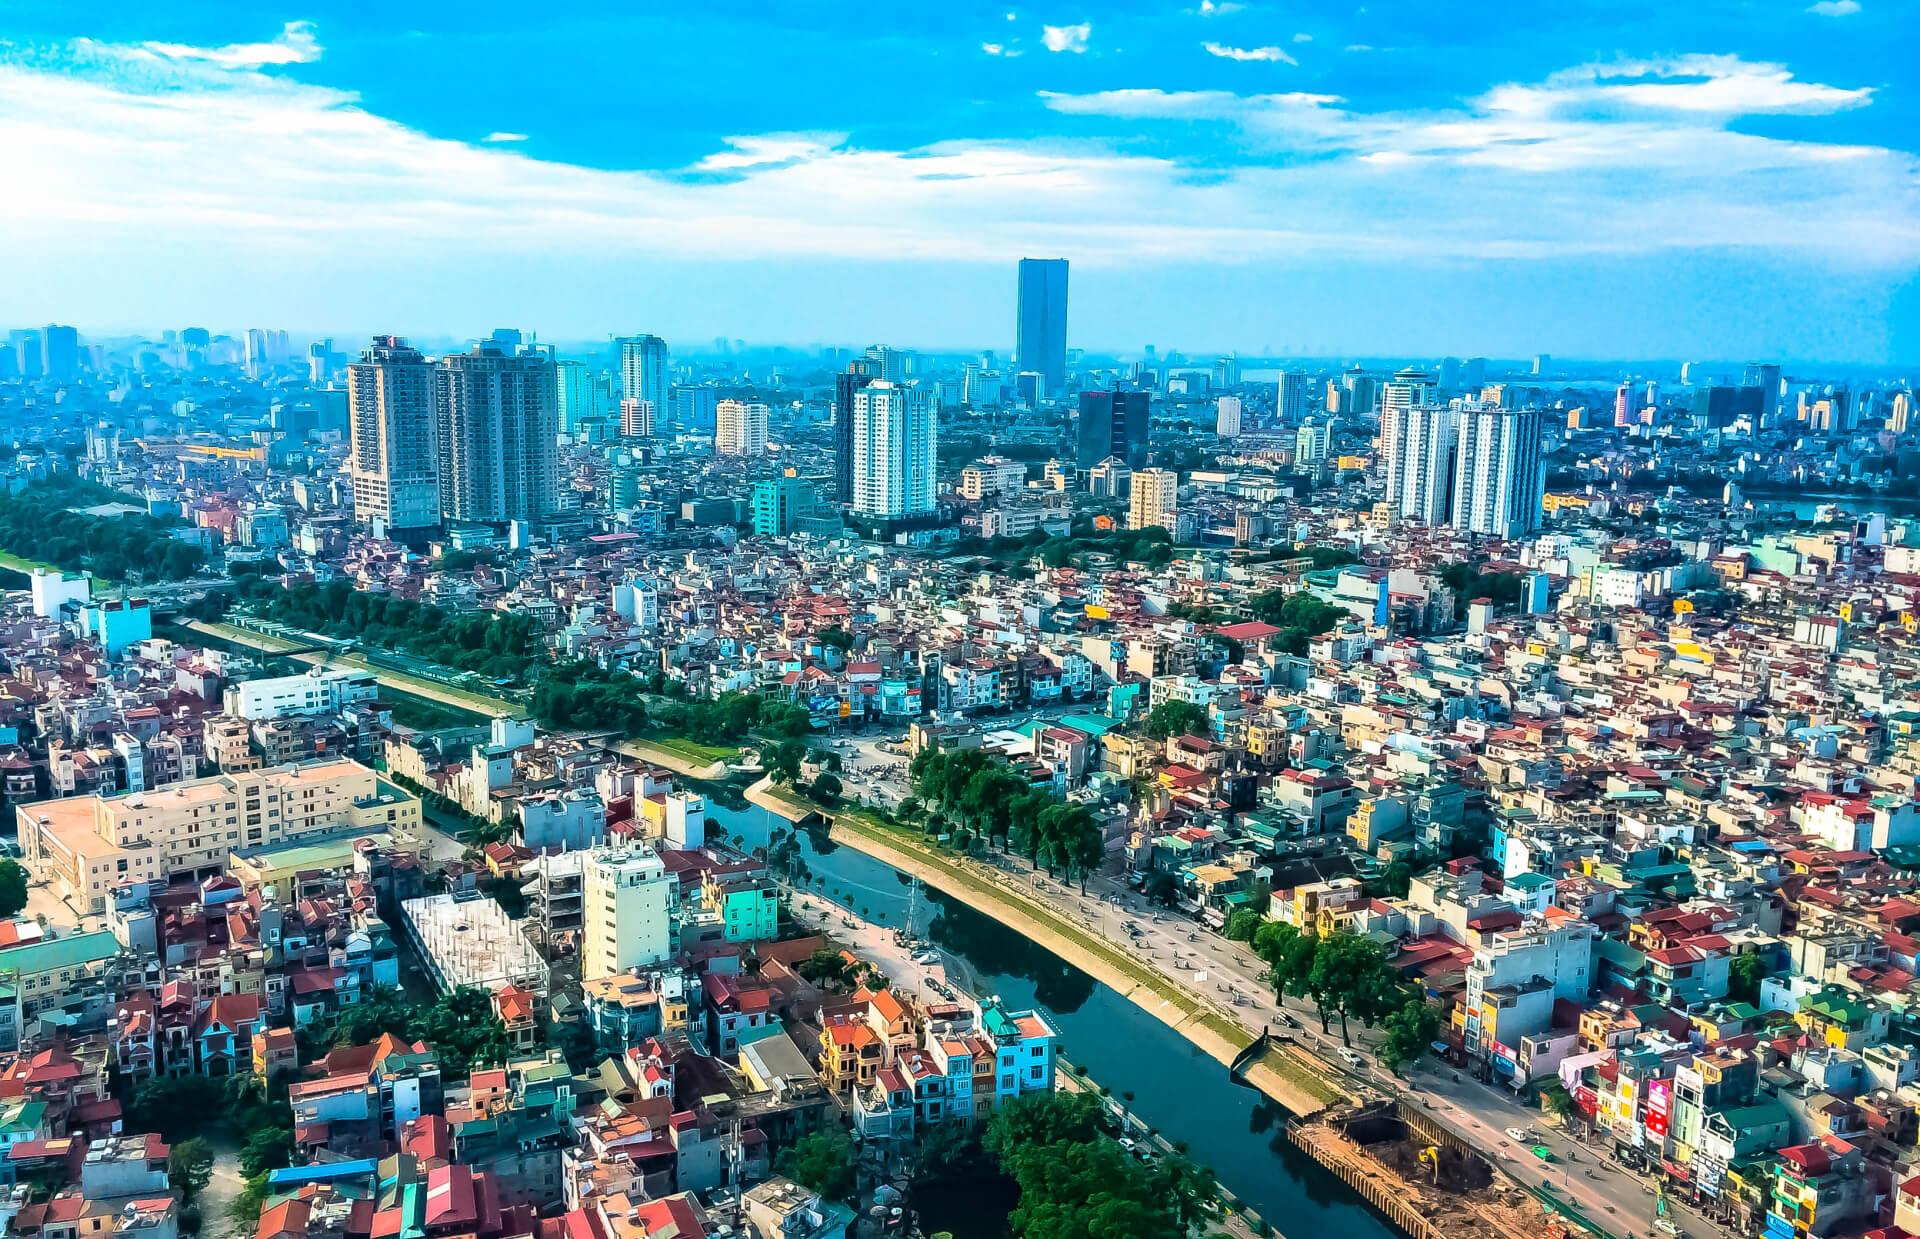 【世界の経済成長都市ランキング】「ハノイ進出」に役立つ経済&ビジネス情報